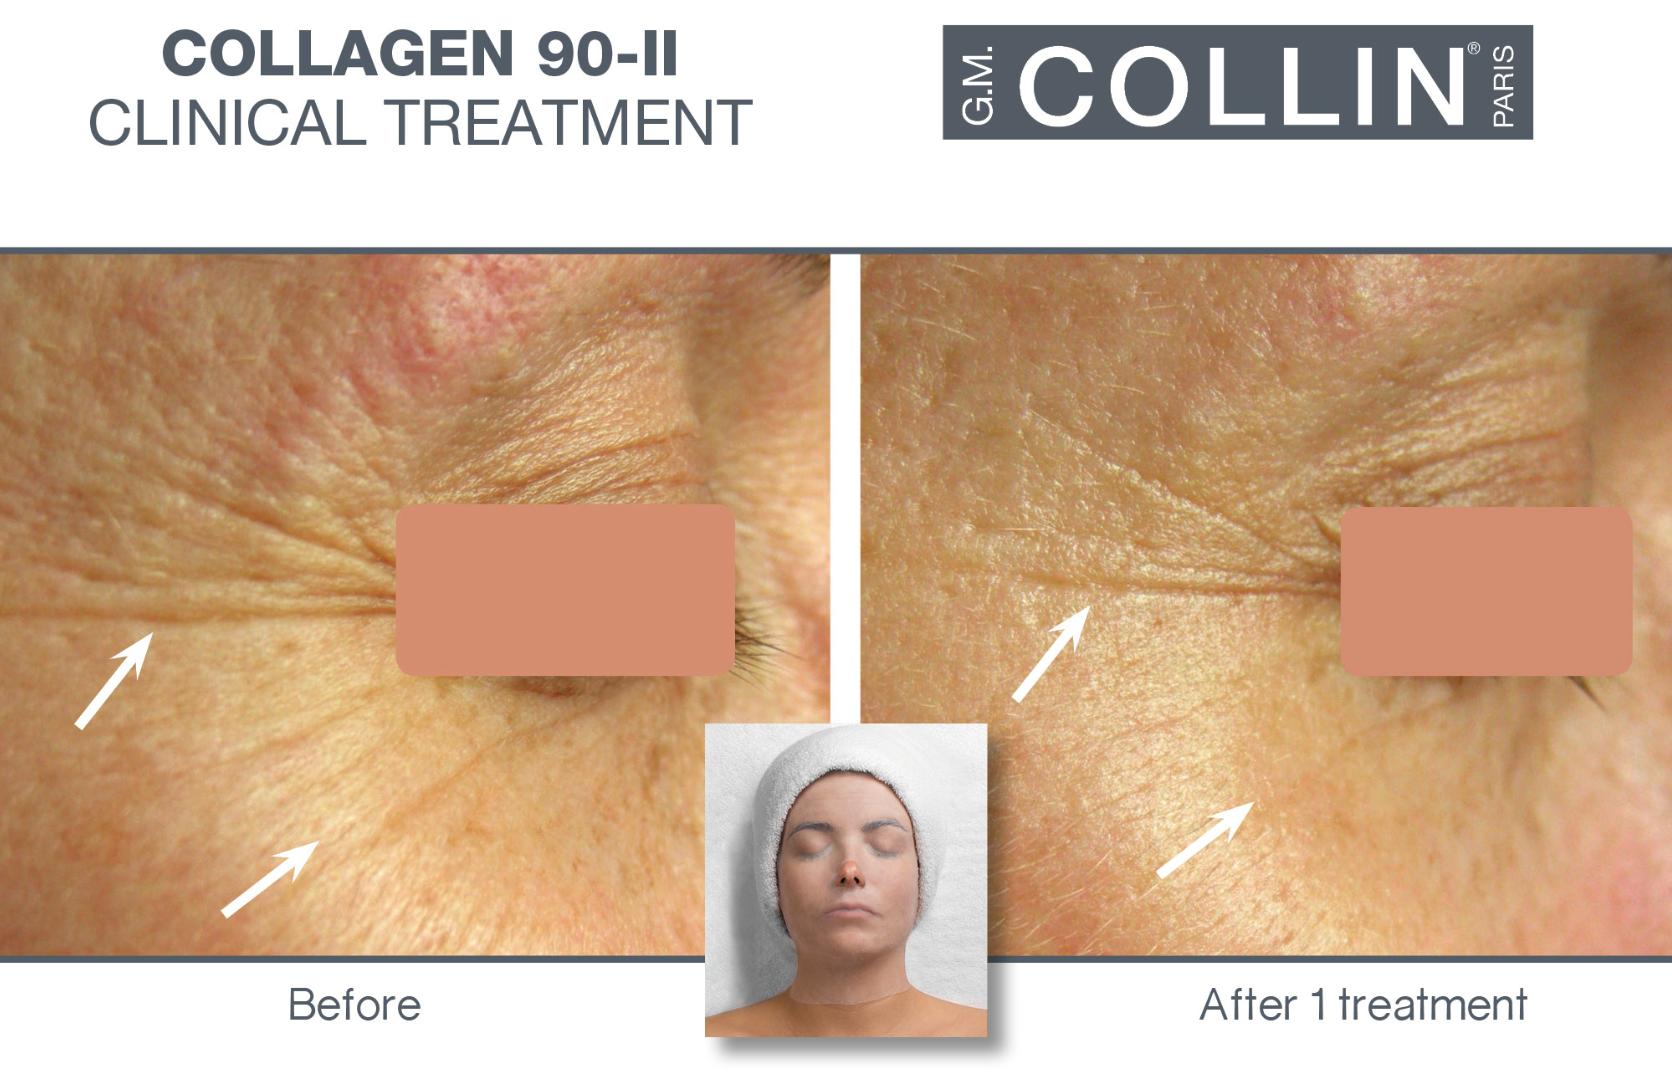 collagen-90-ii